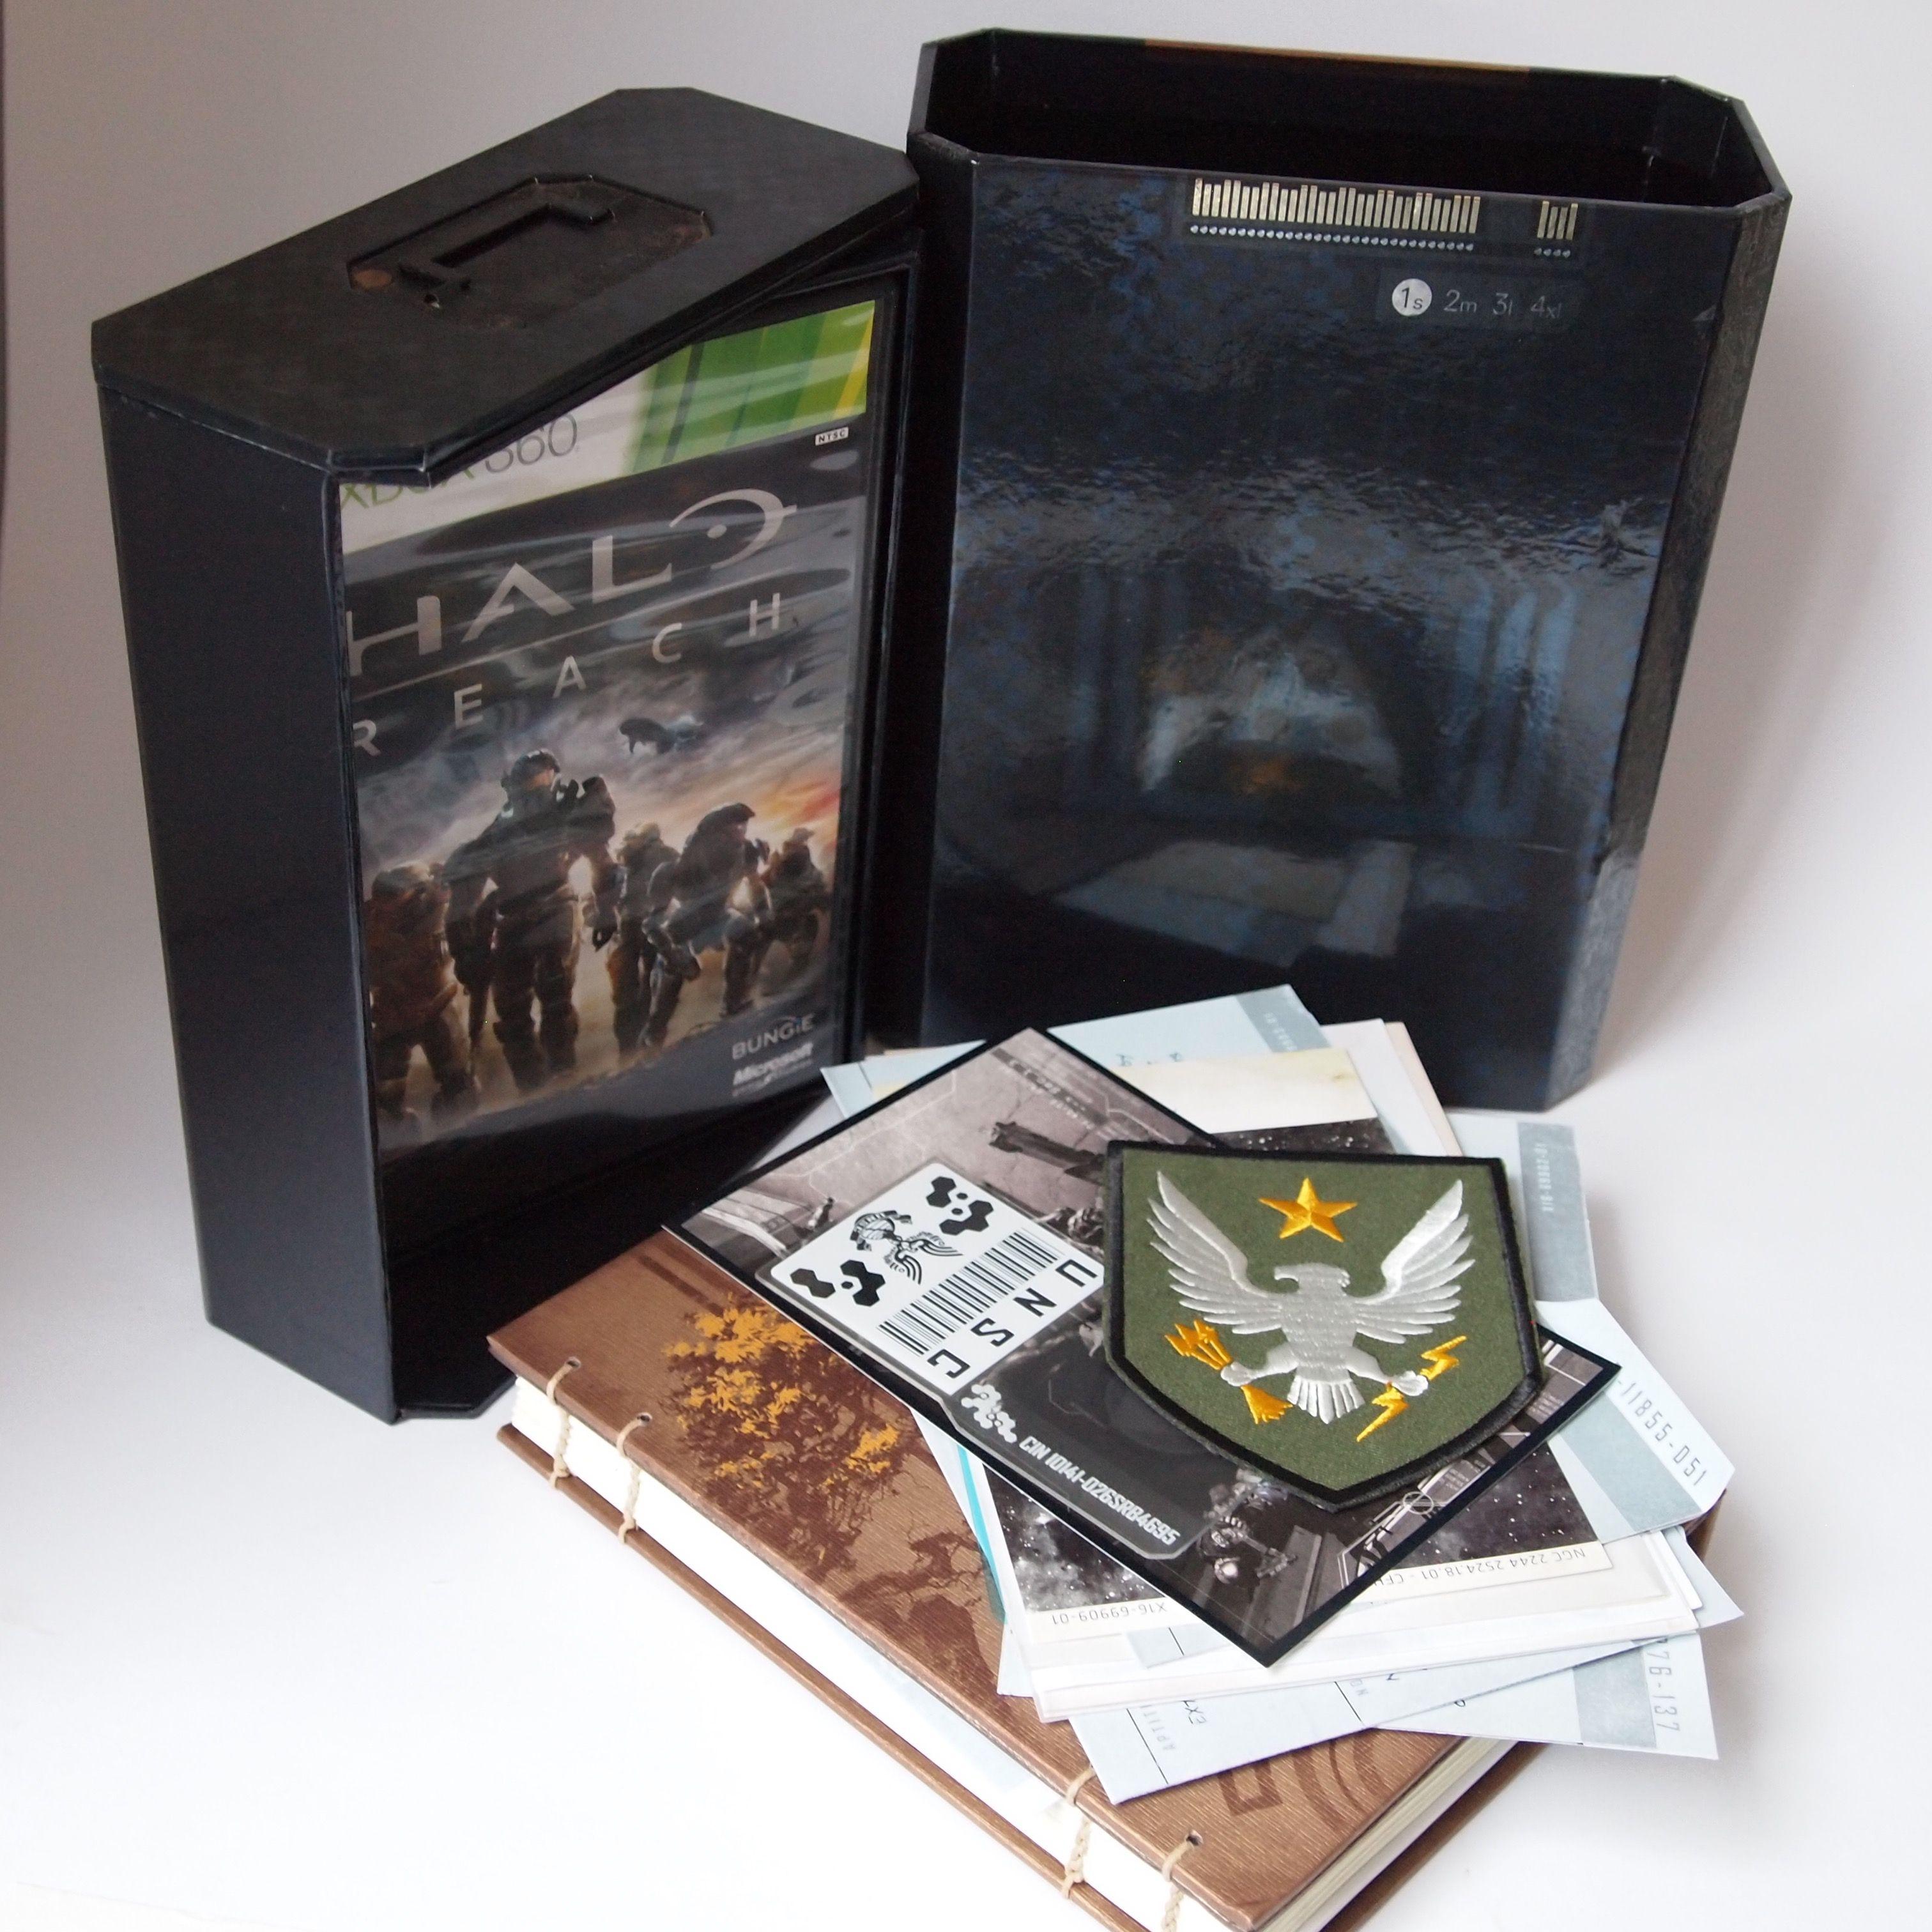 Game Halo Reach - Limited Edition (Xbox 360).  Edição com vários brindes, numa caixa personalizada. Comprei pra servir de decoração.  Preço: R$ 150,00